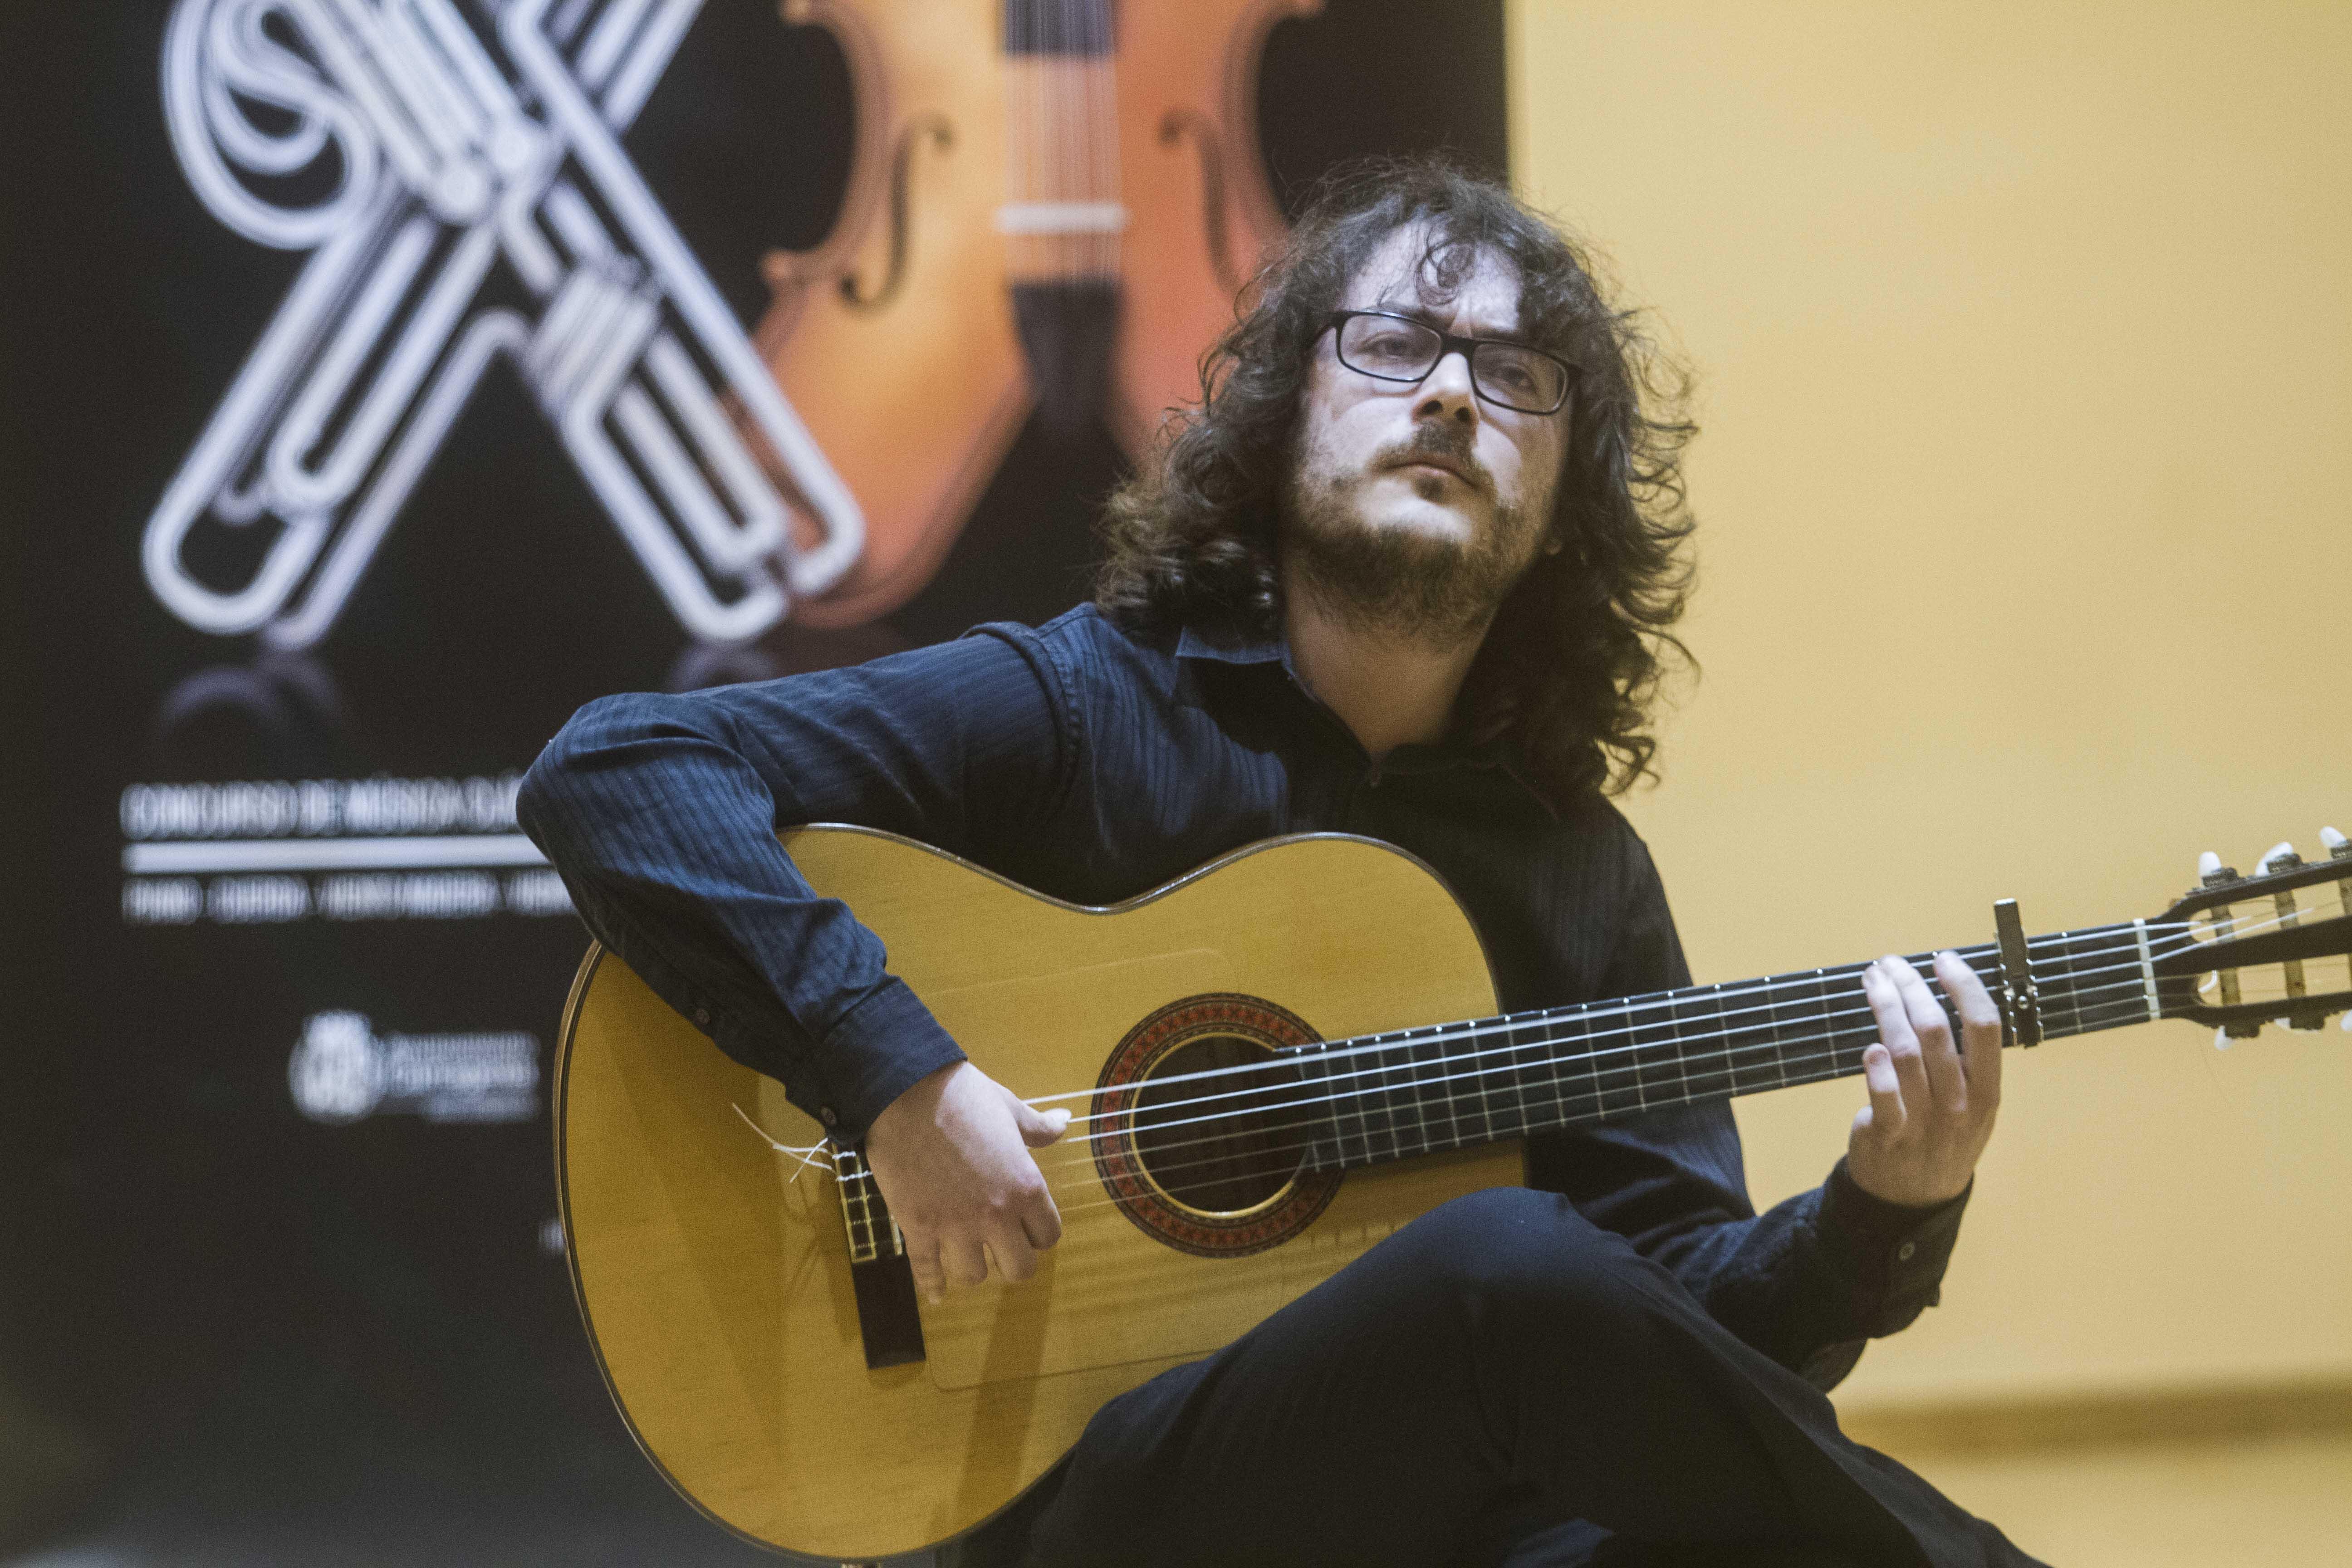 Concursantes en la modalidad de flamenco de la XX edición de Entre Cuerdas y Metales